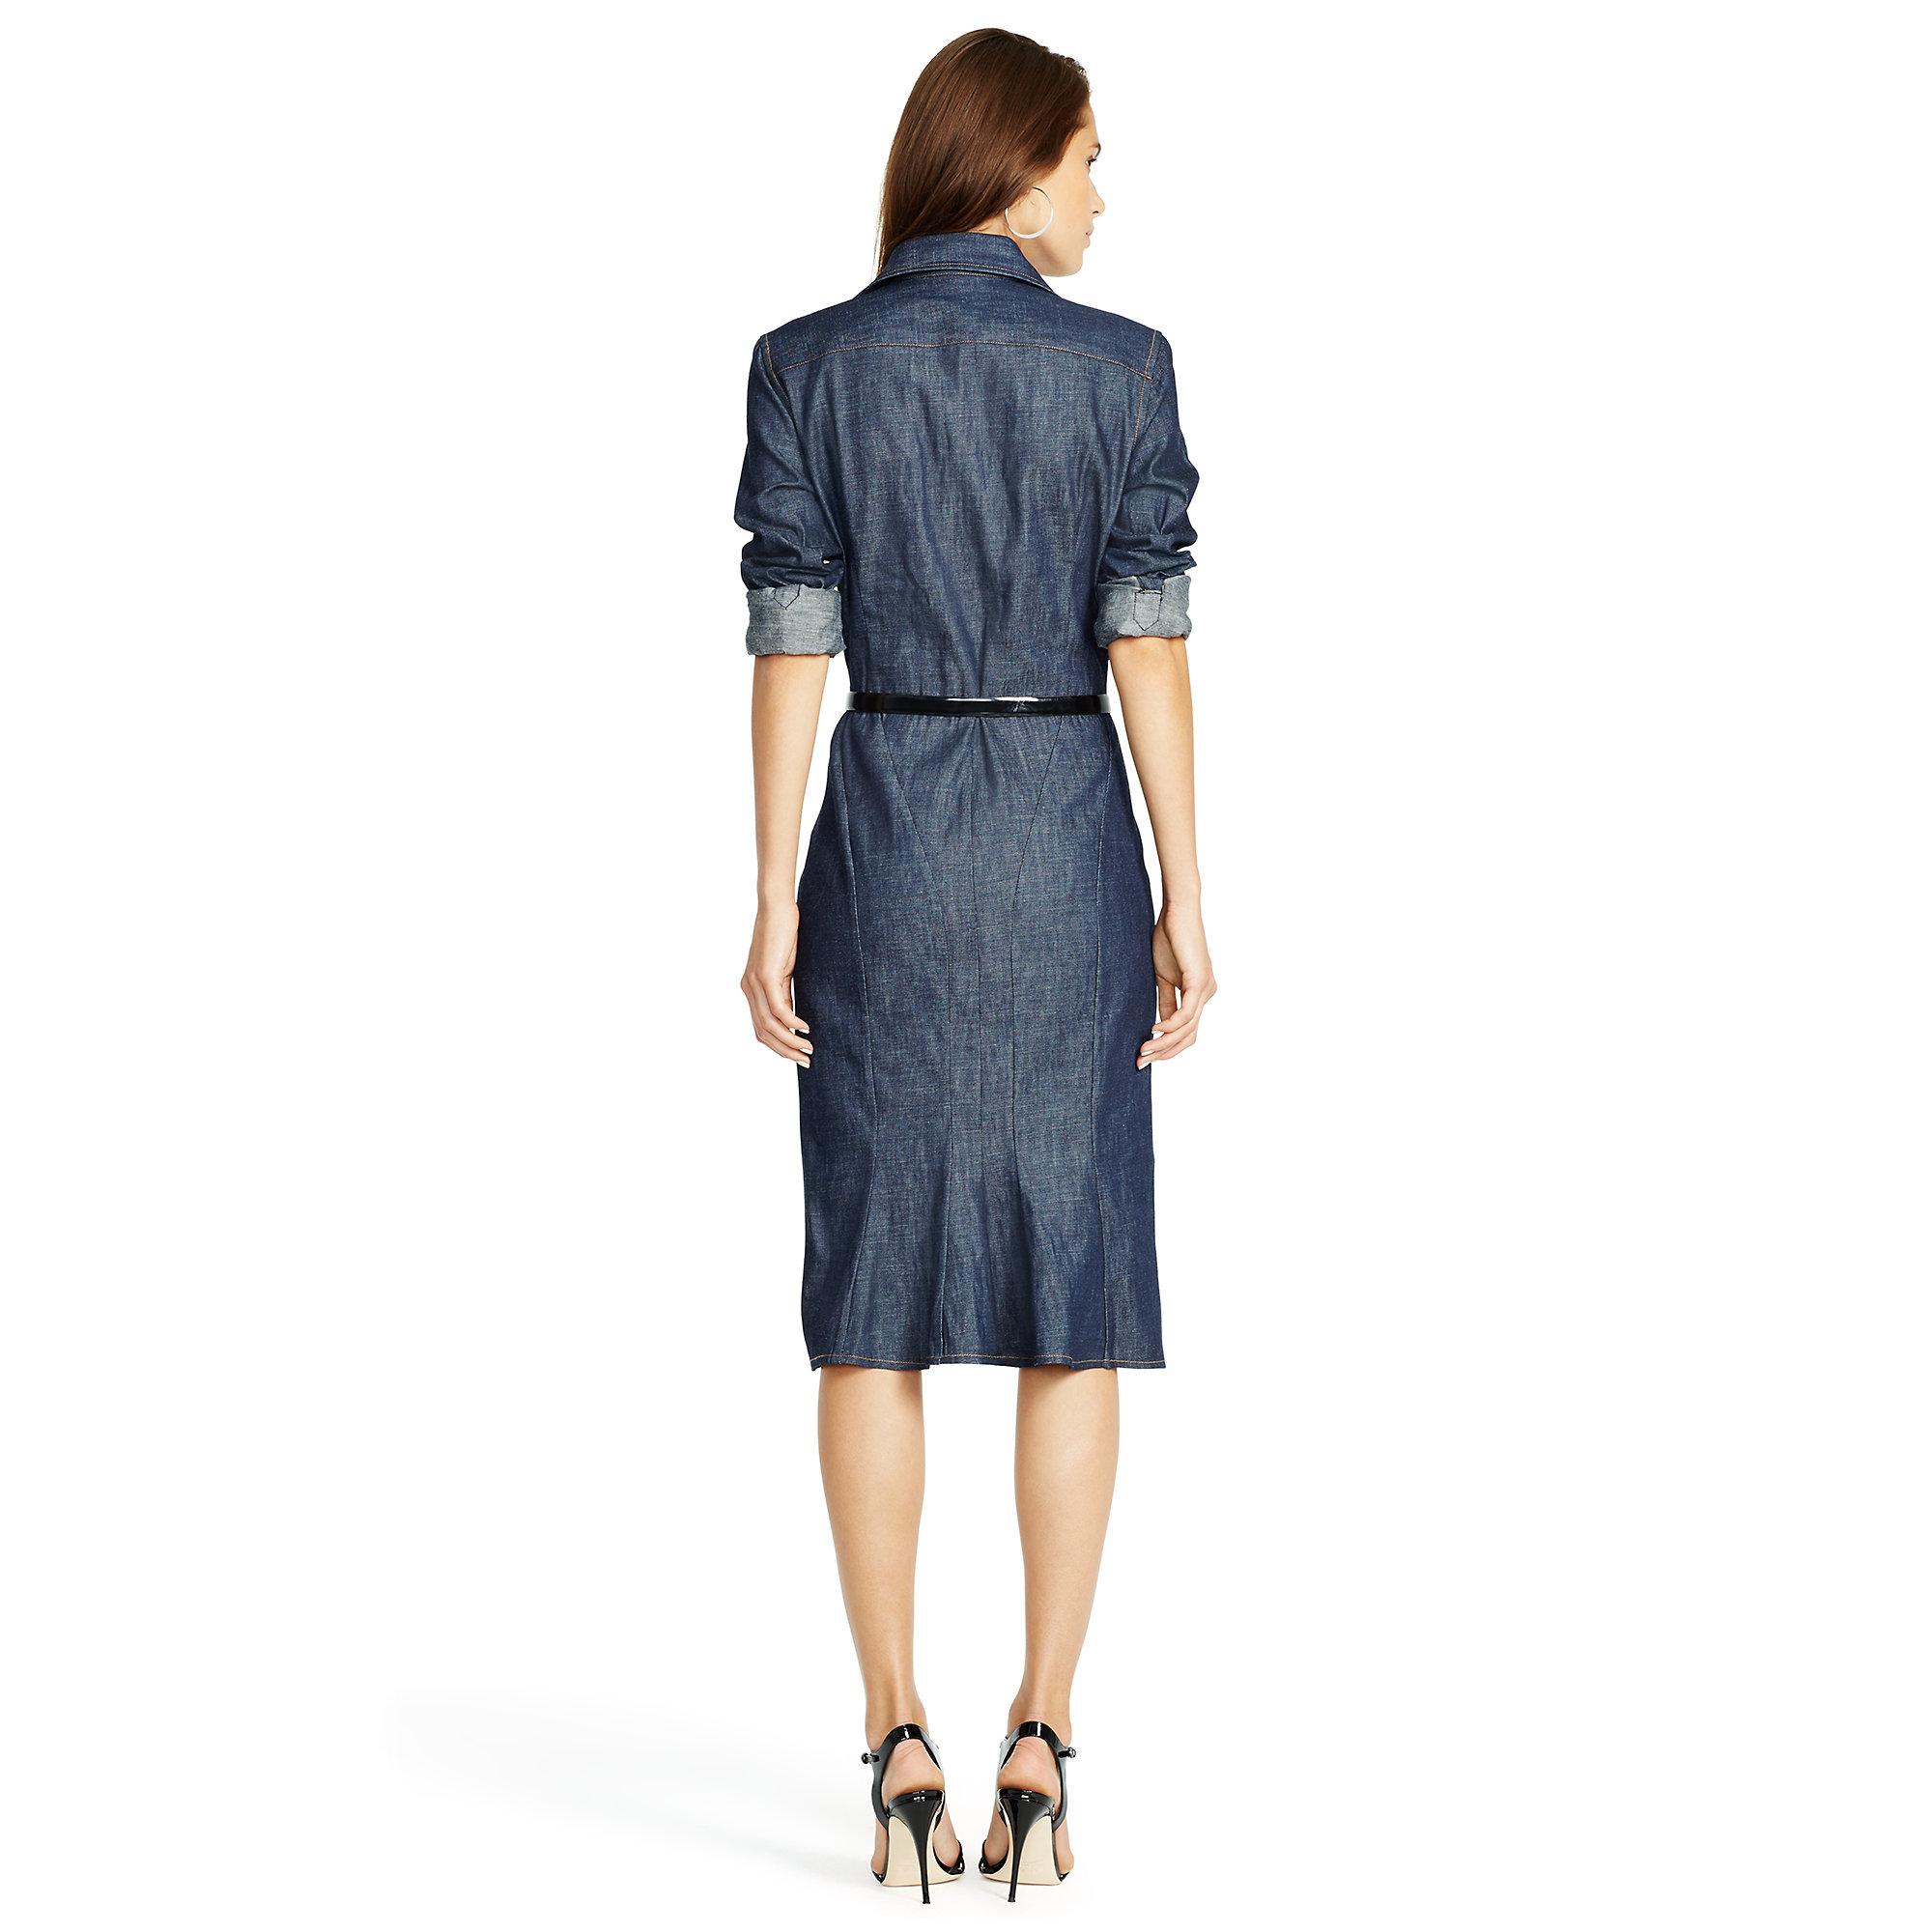 e2dc1ba5f67 Lyst - Polo Ralph Lauren Denim Button-down Shirtdress in Blue